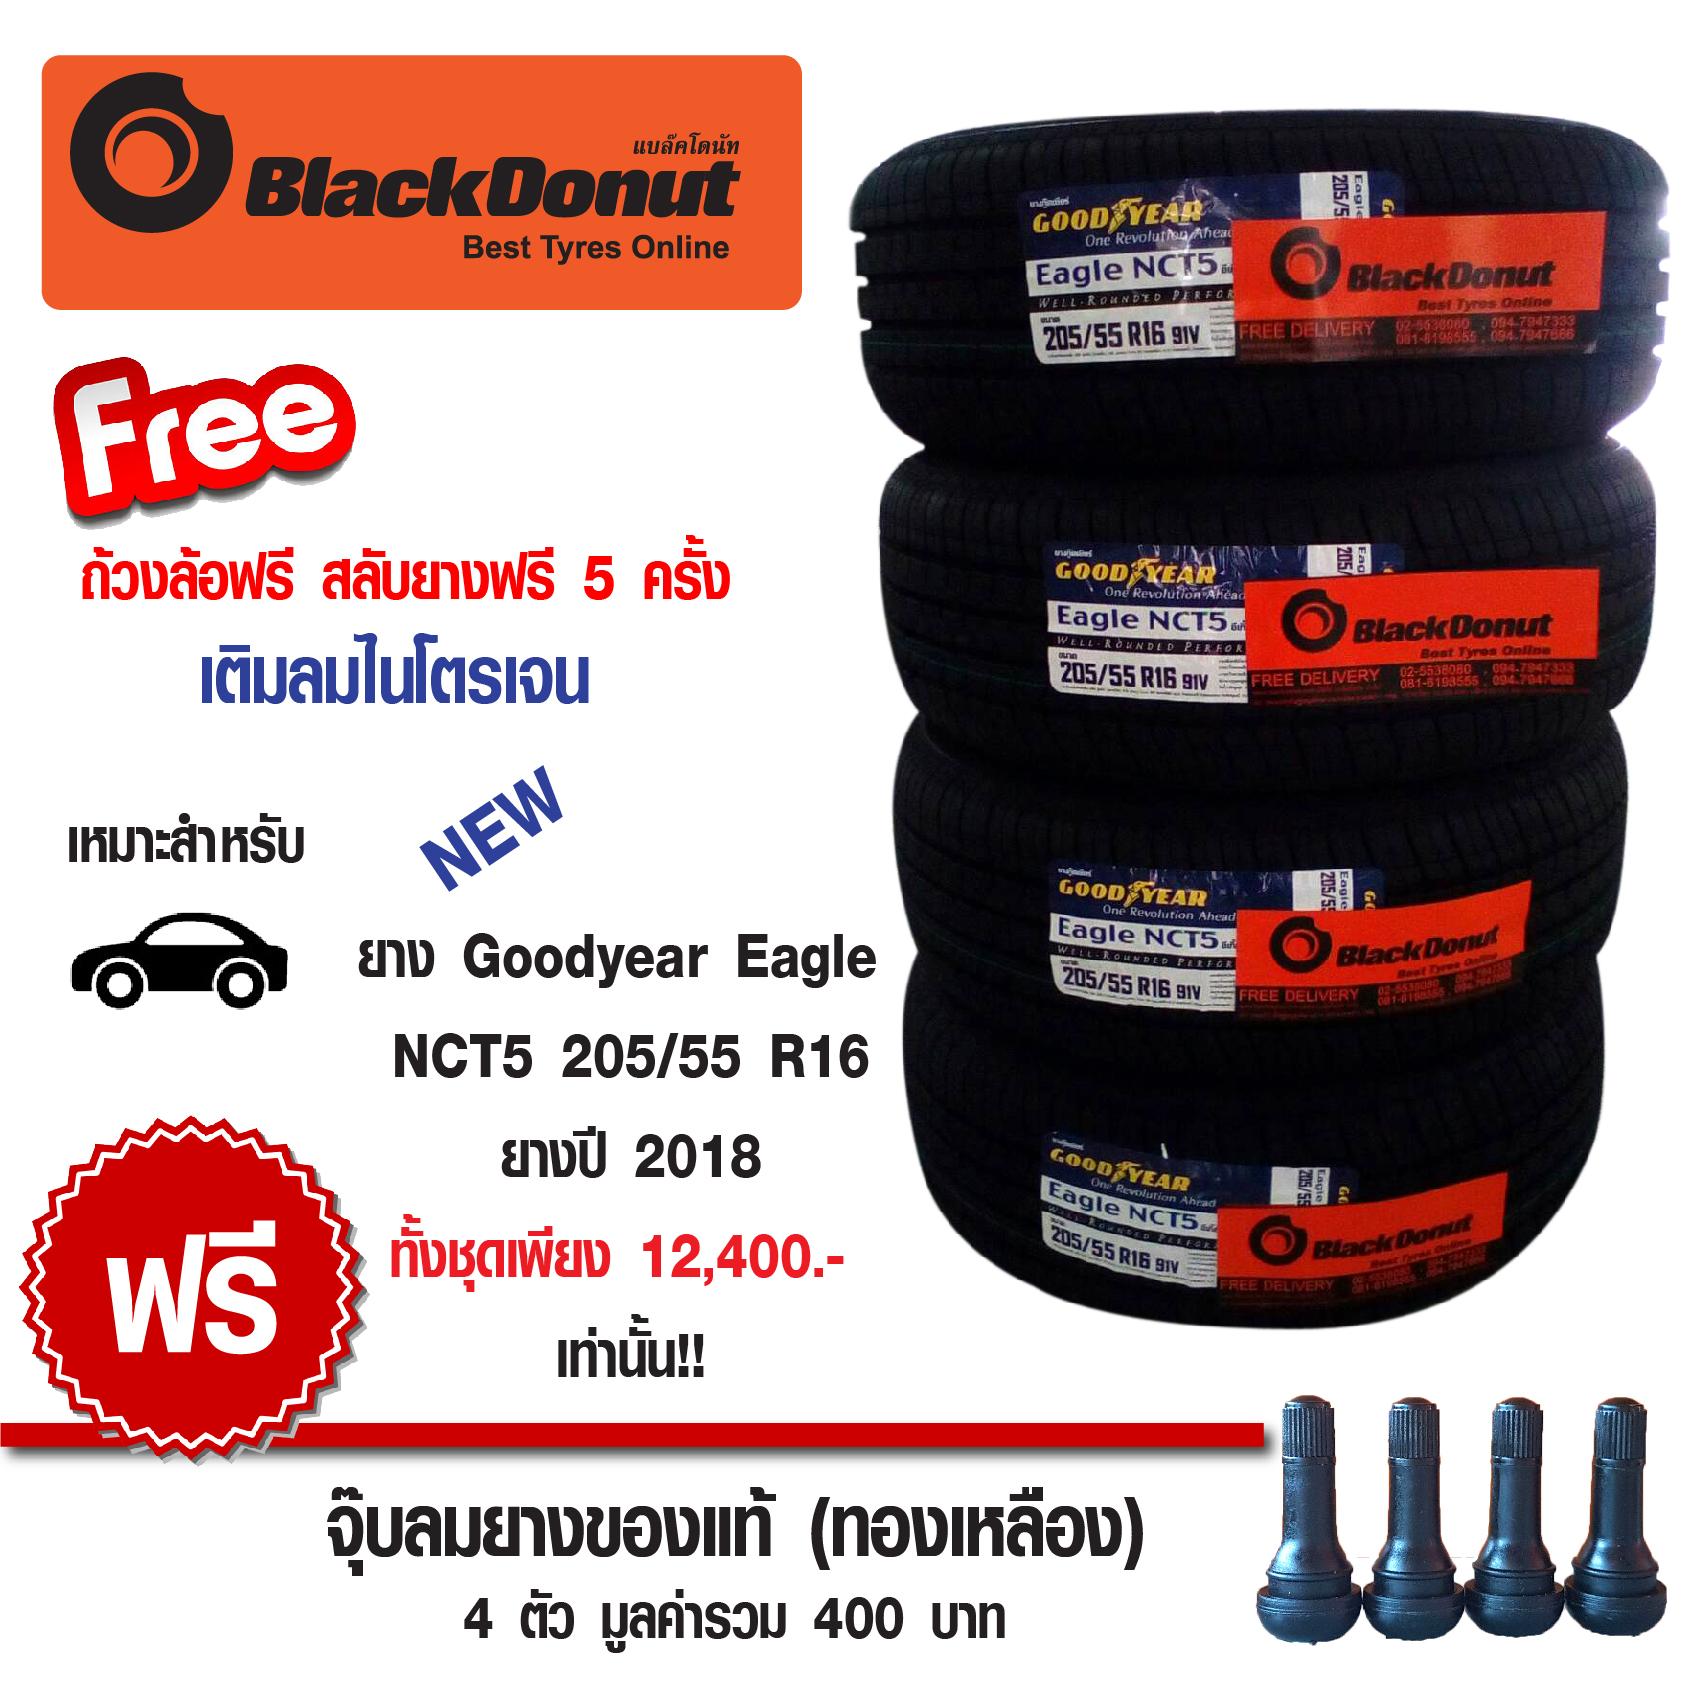 blackdonut-04